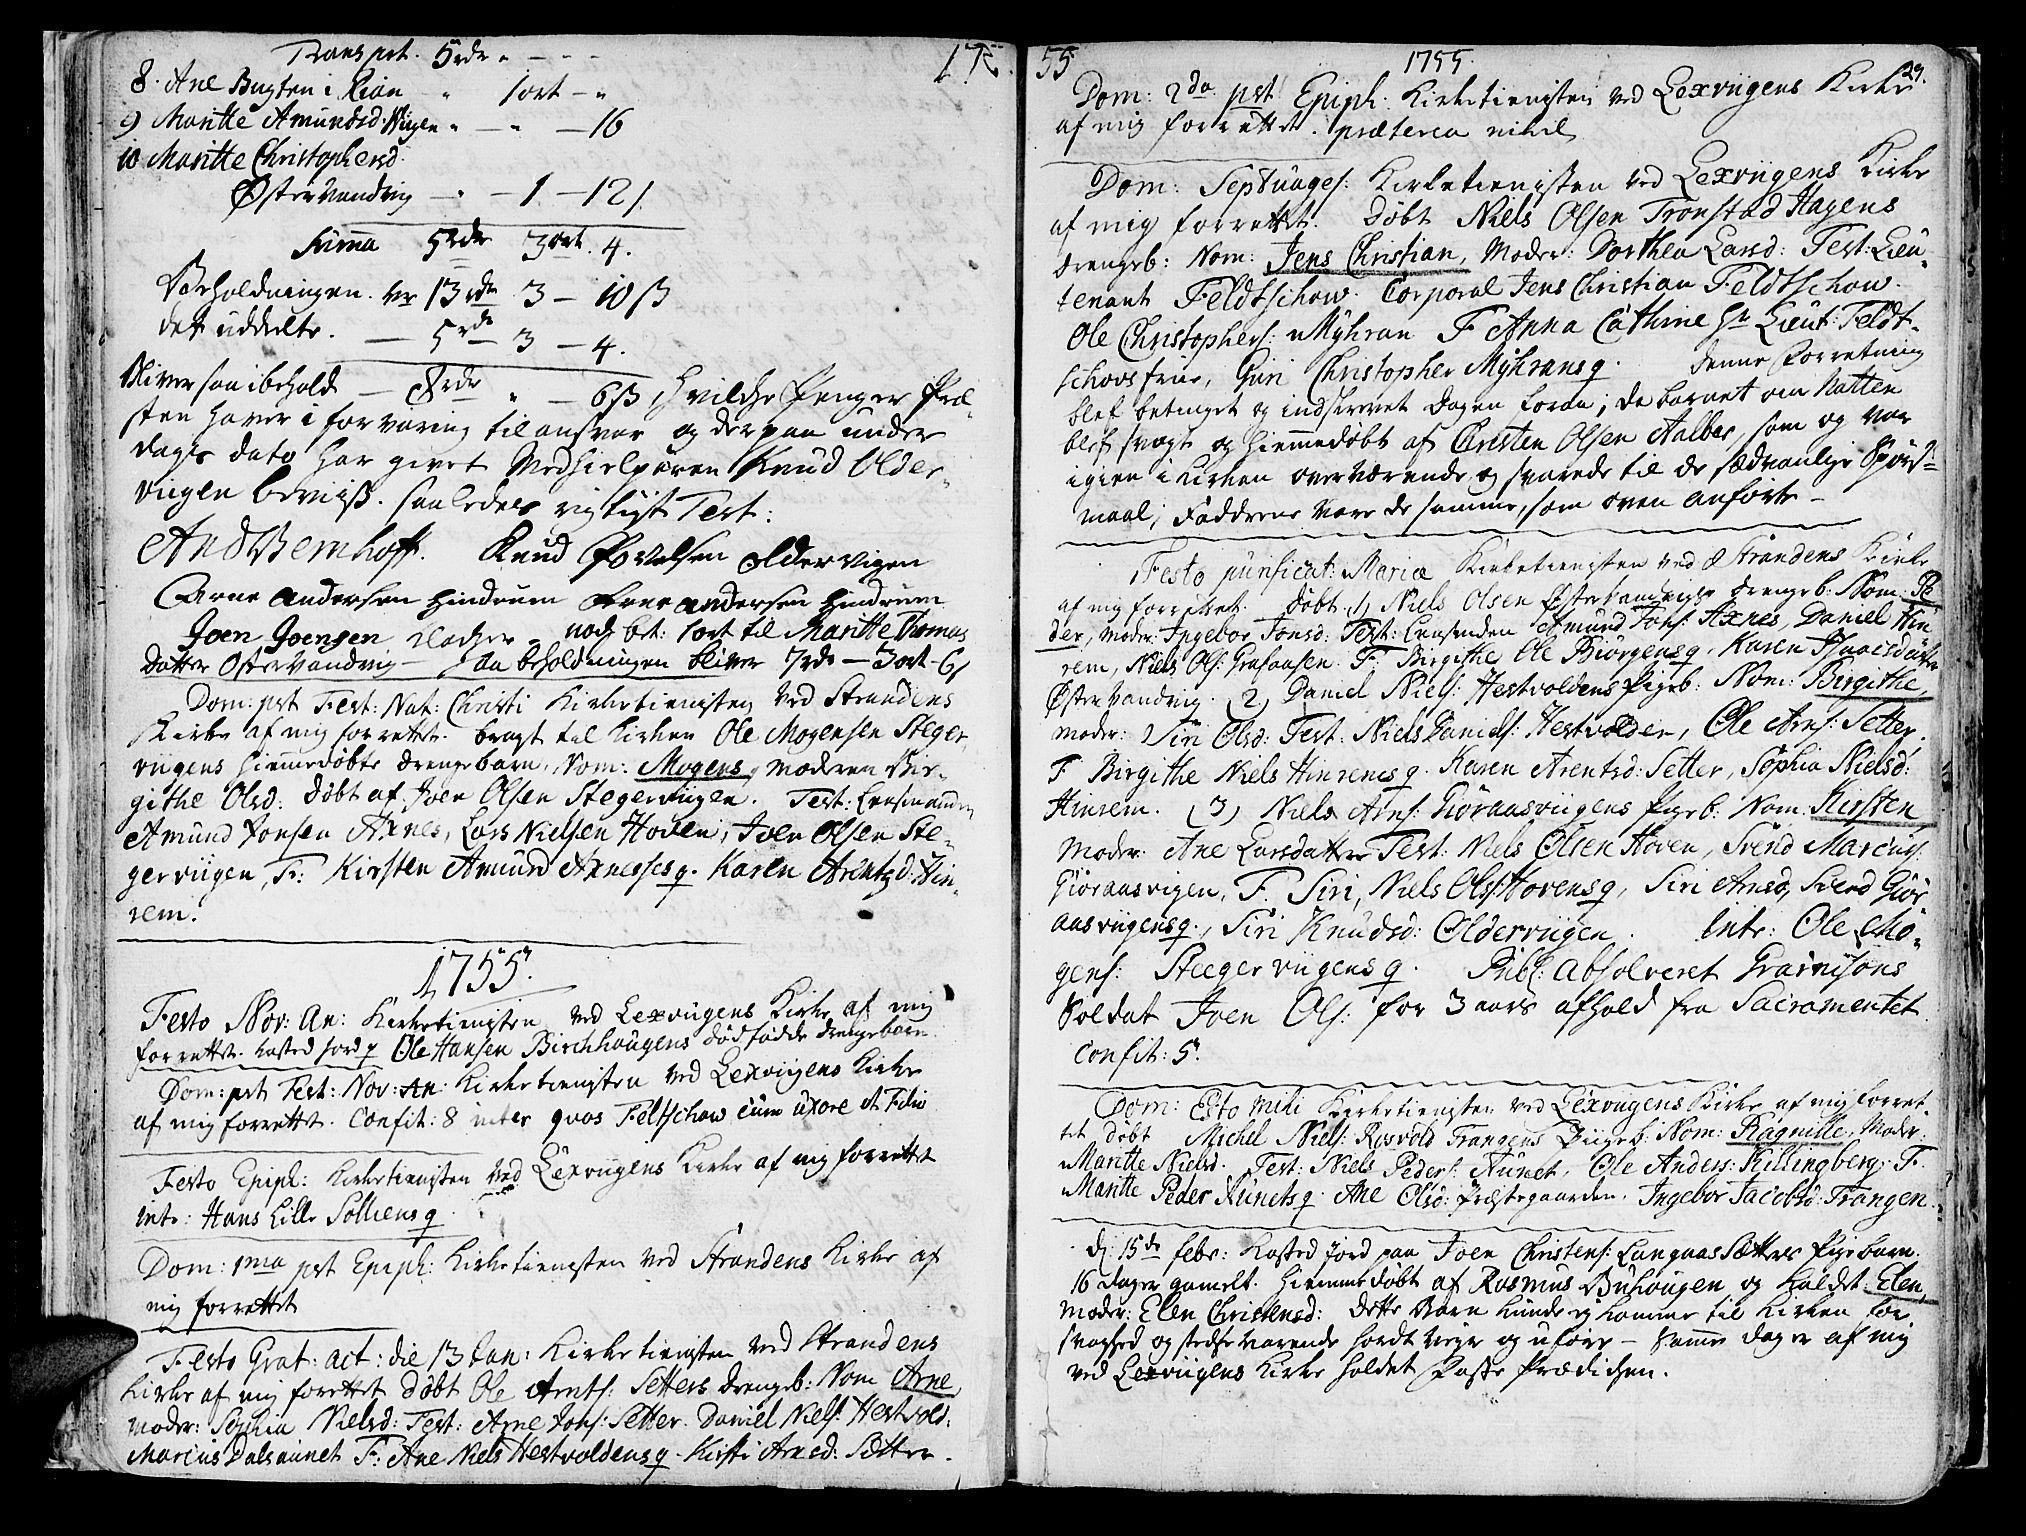 SAT, Ministerialprotokoller, klokkerbøker og fødselsregistre - Nord-Trøndelag, 701/L0003: Ministerialbok nr. 701A03, 1751-1783, s. 29